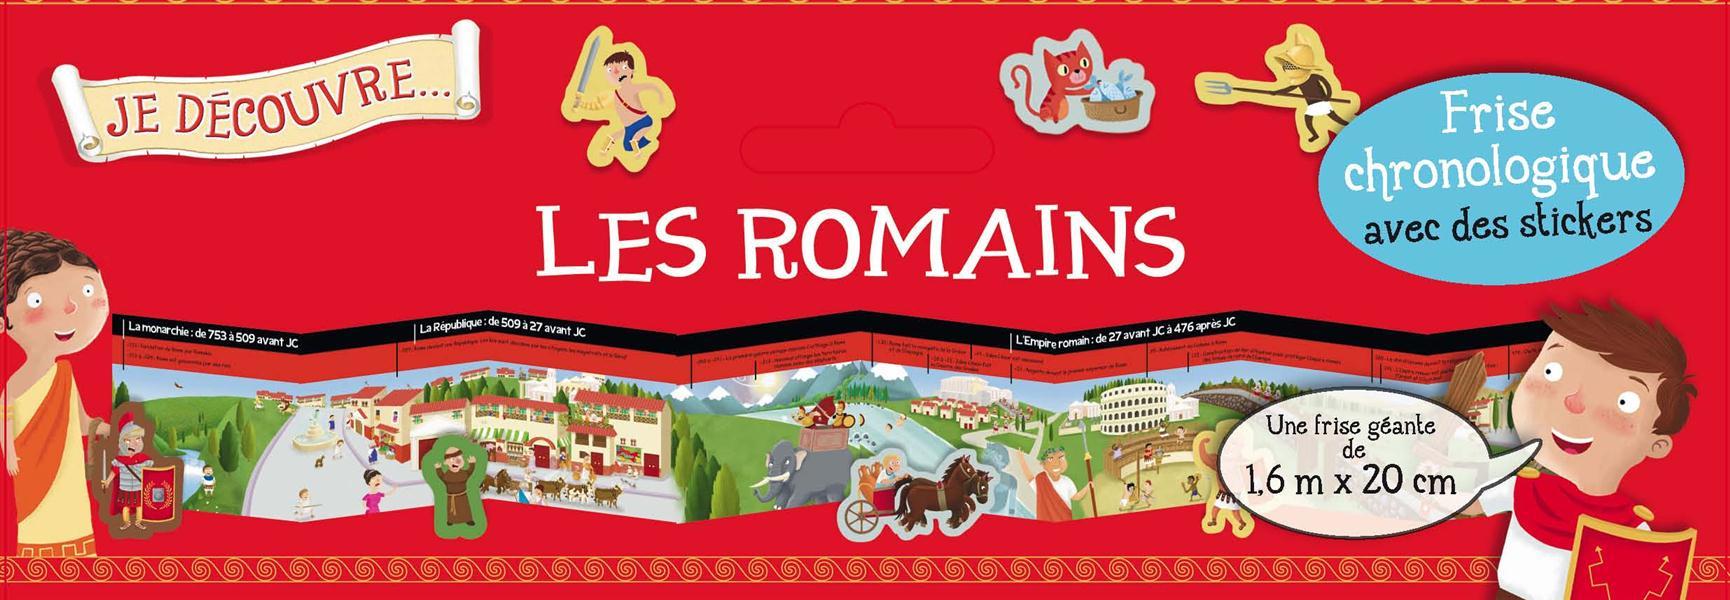 JE DECOUVRE LES ROMAINS - FRISE CHRONOLOGIQUEAVEC DES STICKERS